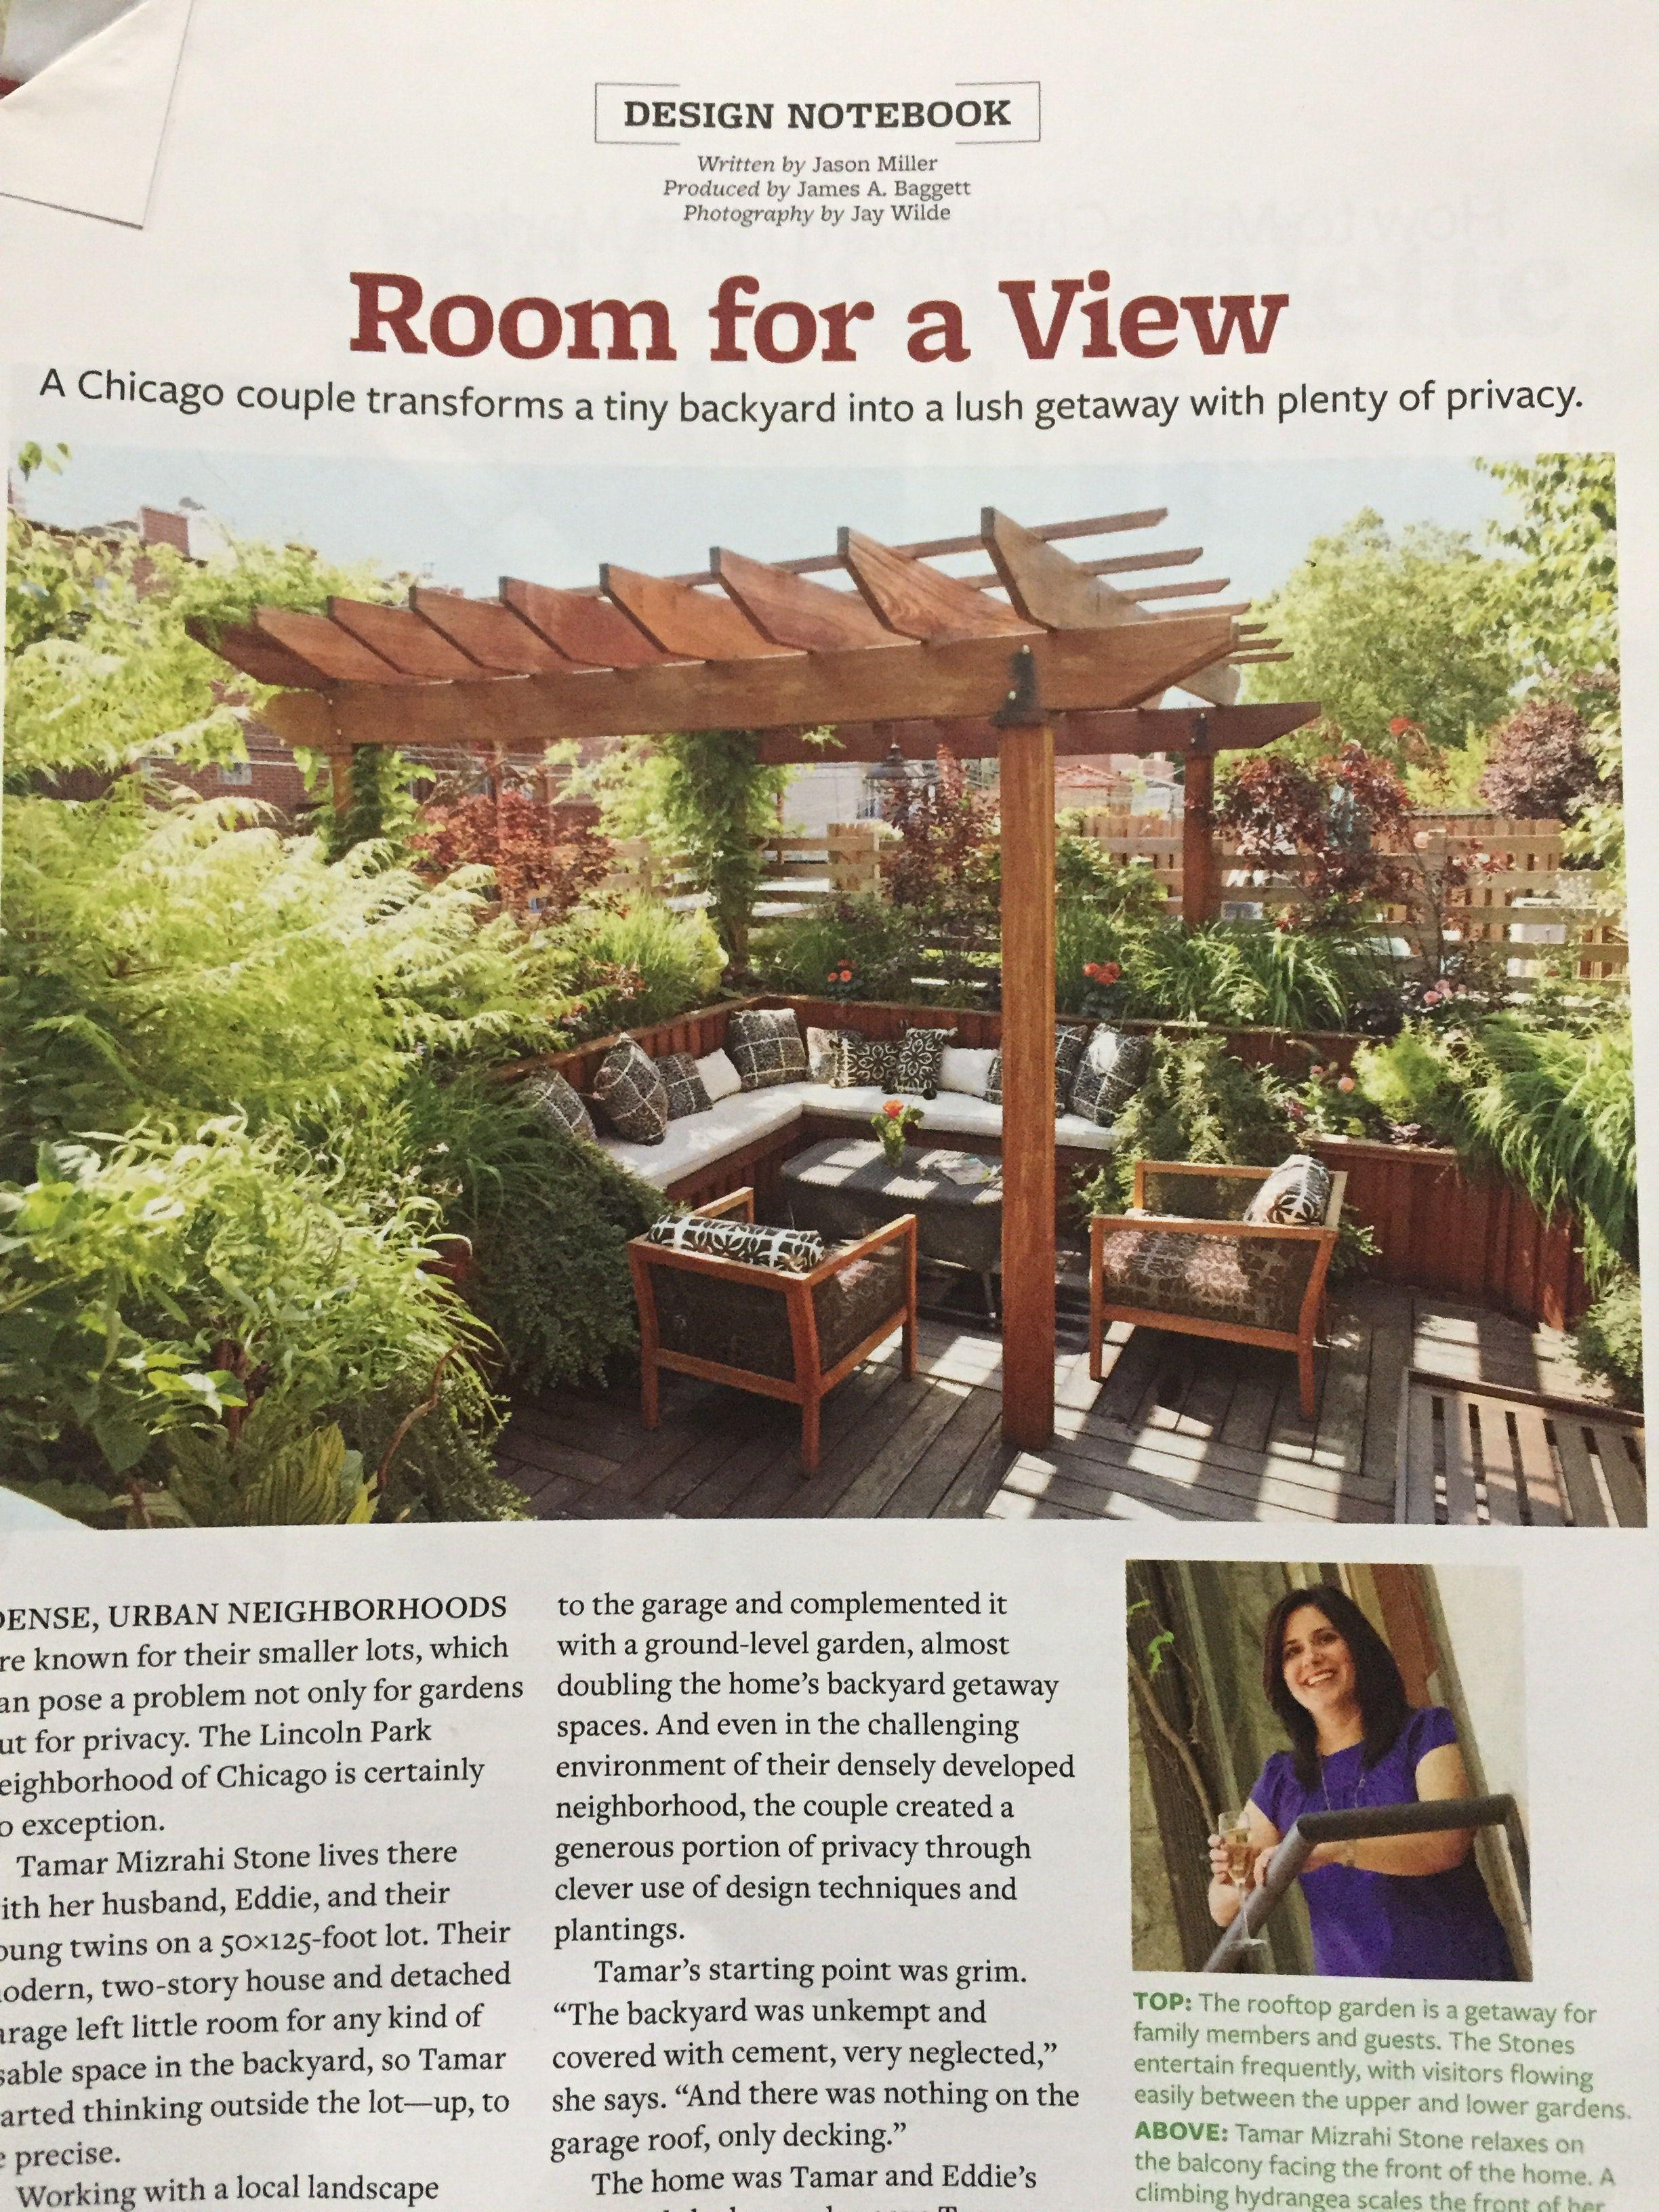 Pin by Elke Warren on garden | Beautiful outdoor living ... on Warrens Outdoor Living id=15757